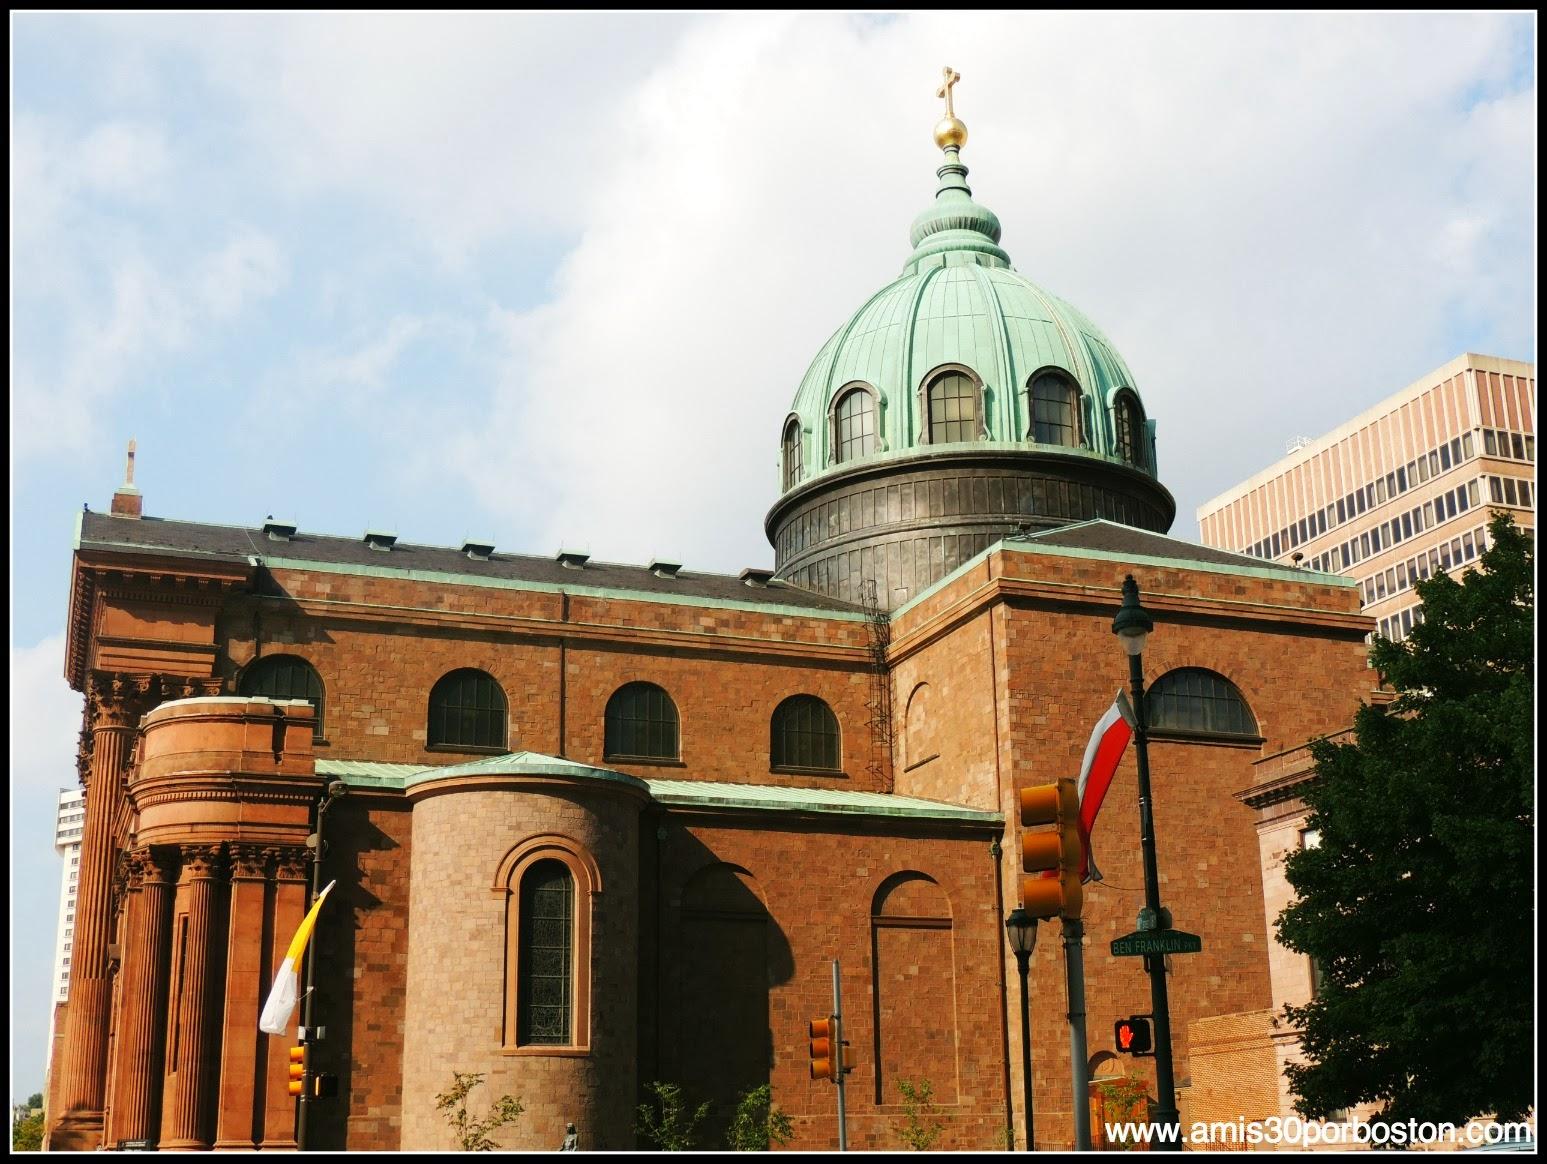 Filadelfia: Catedral Basílica de San Pedro y San Pablo